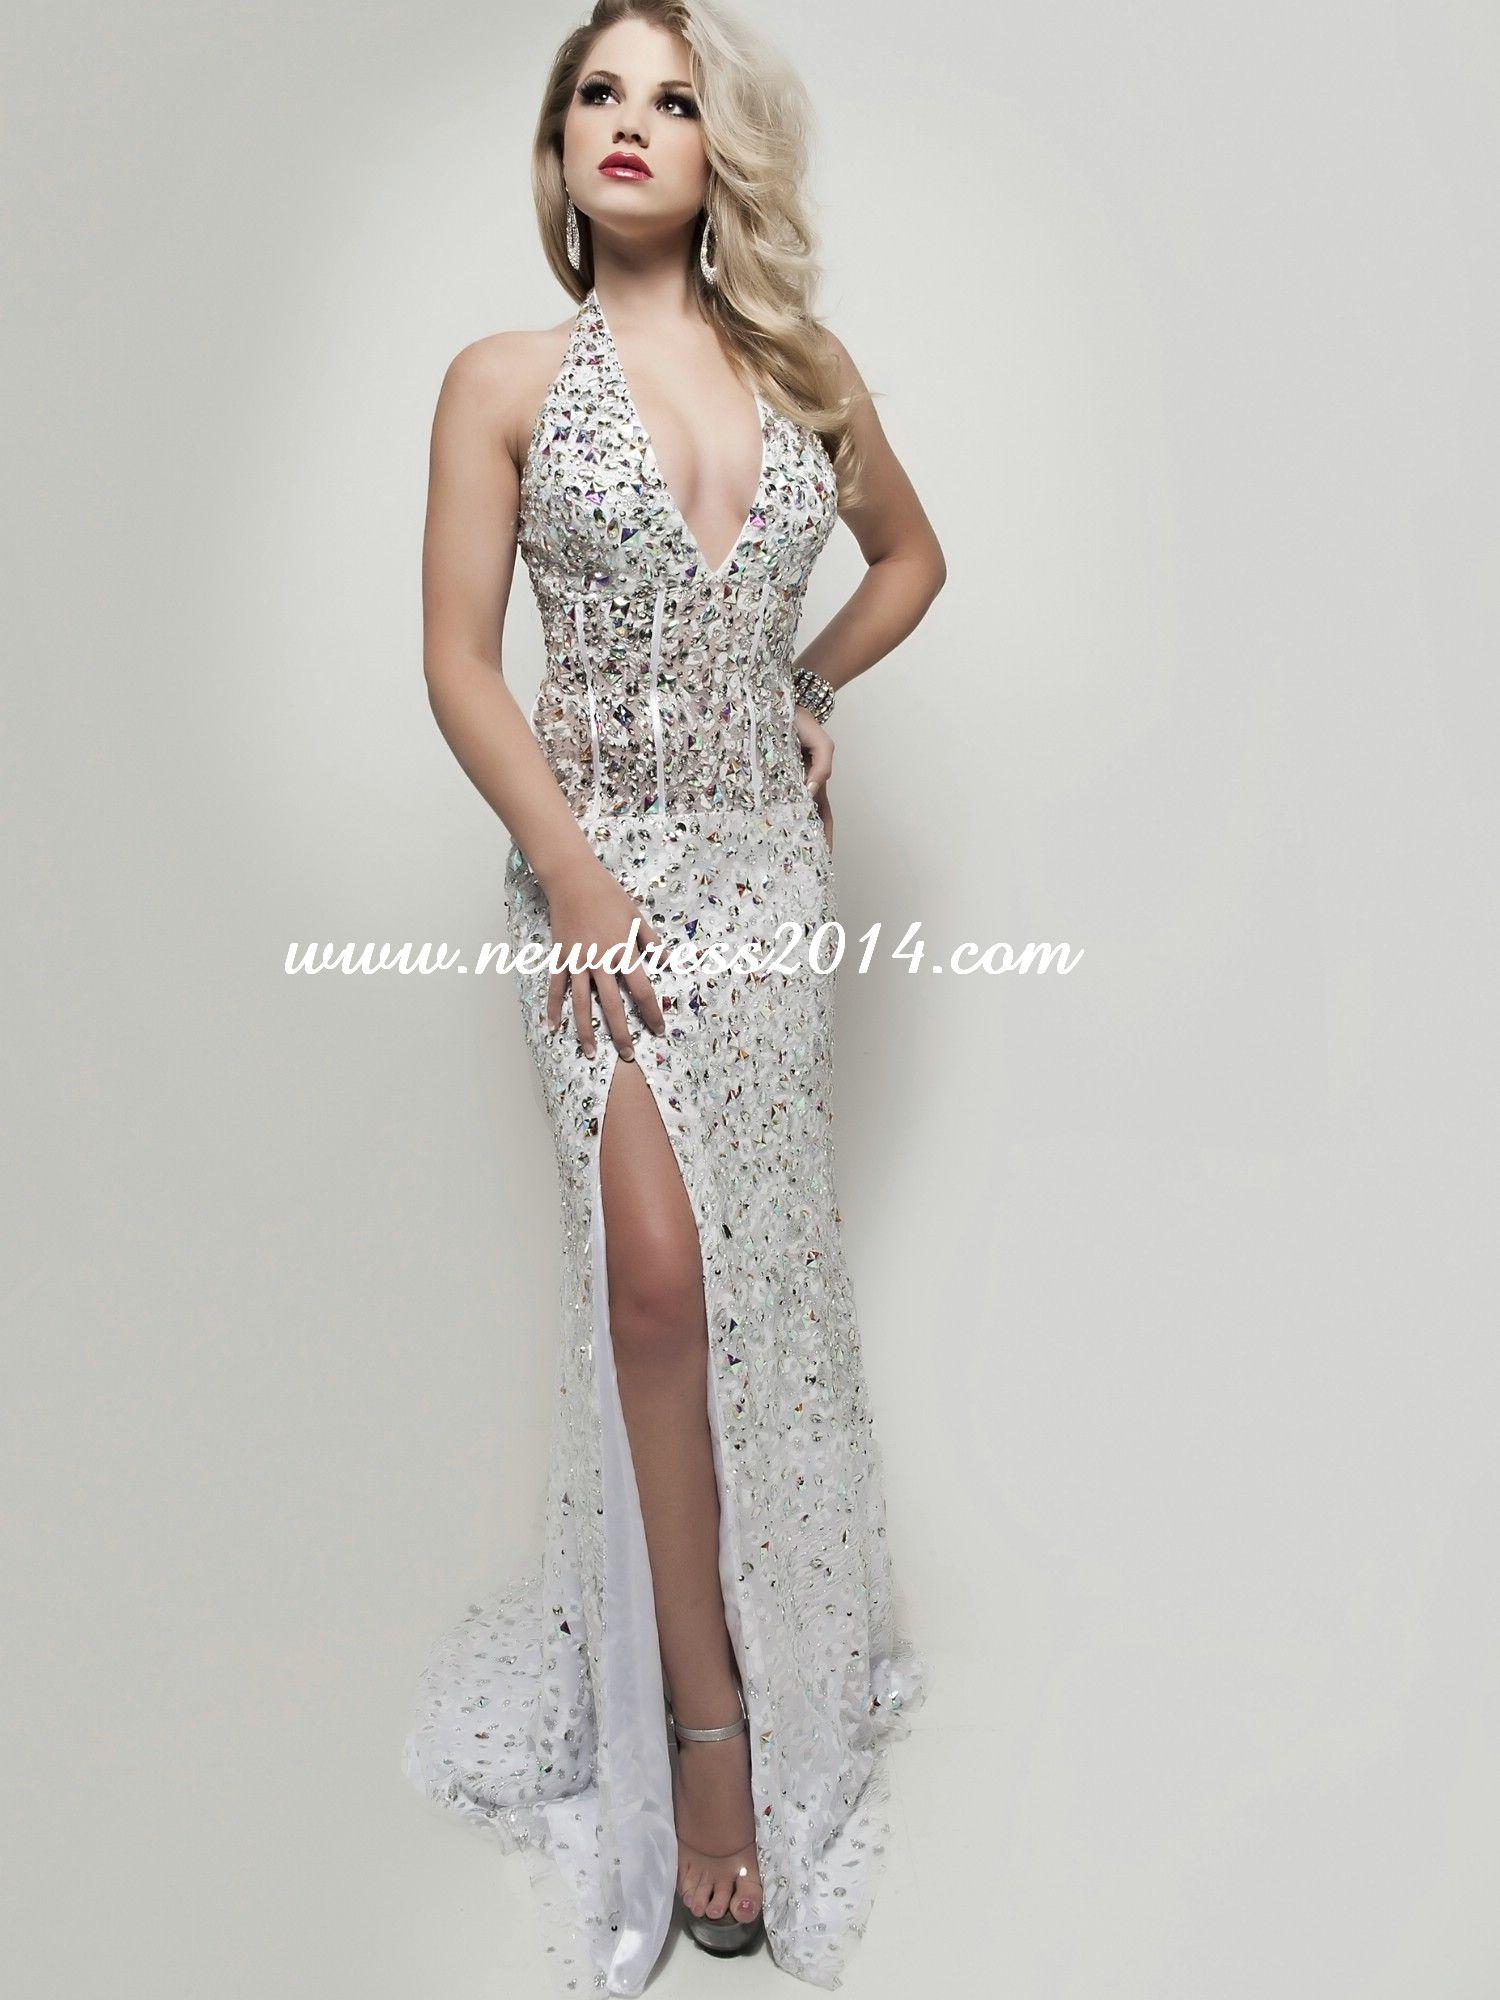 Prom dress prom dress dress me up pinterest dress prom prom